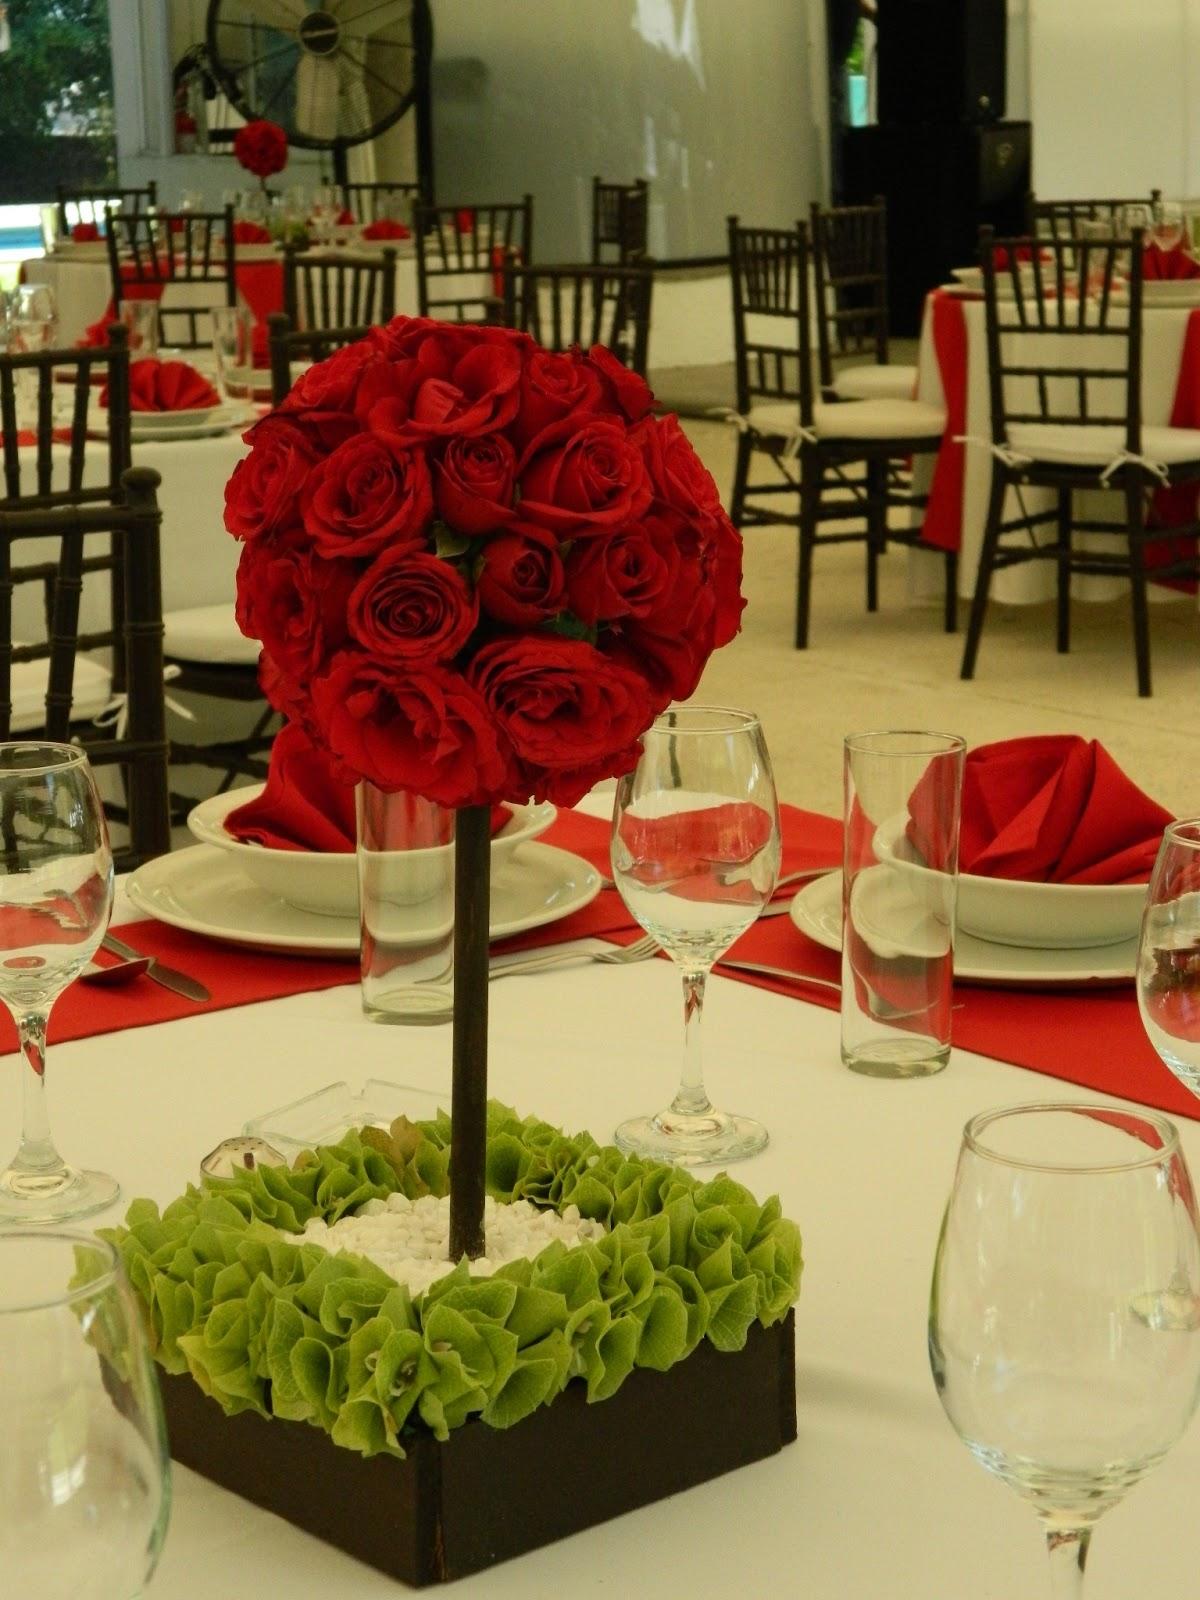 centros de mesa y el ramo de la novia fueron hechos con rosas rojas ...